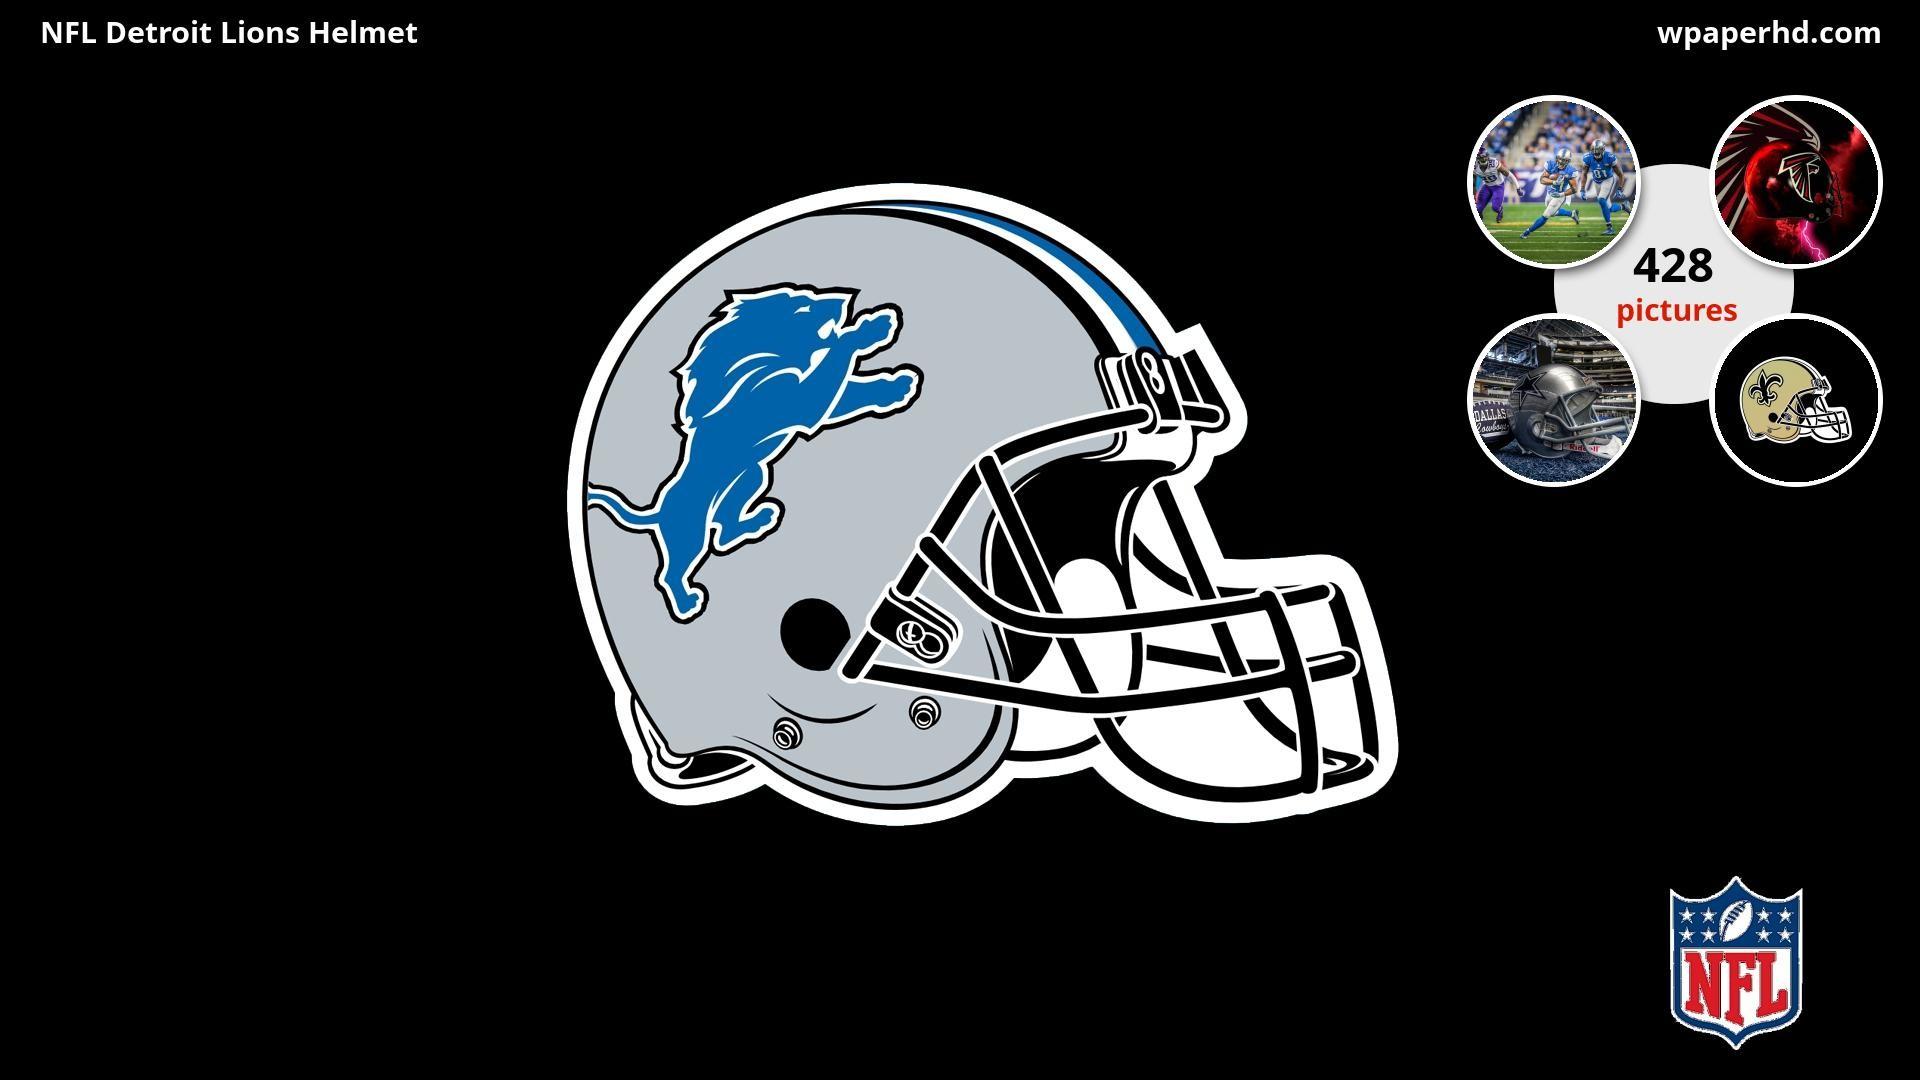 Filename: nfl-detroit-lions-helmet-V5Dv.jpg